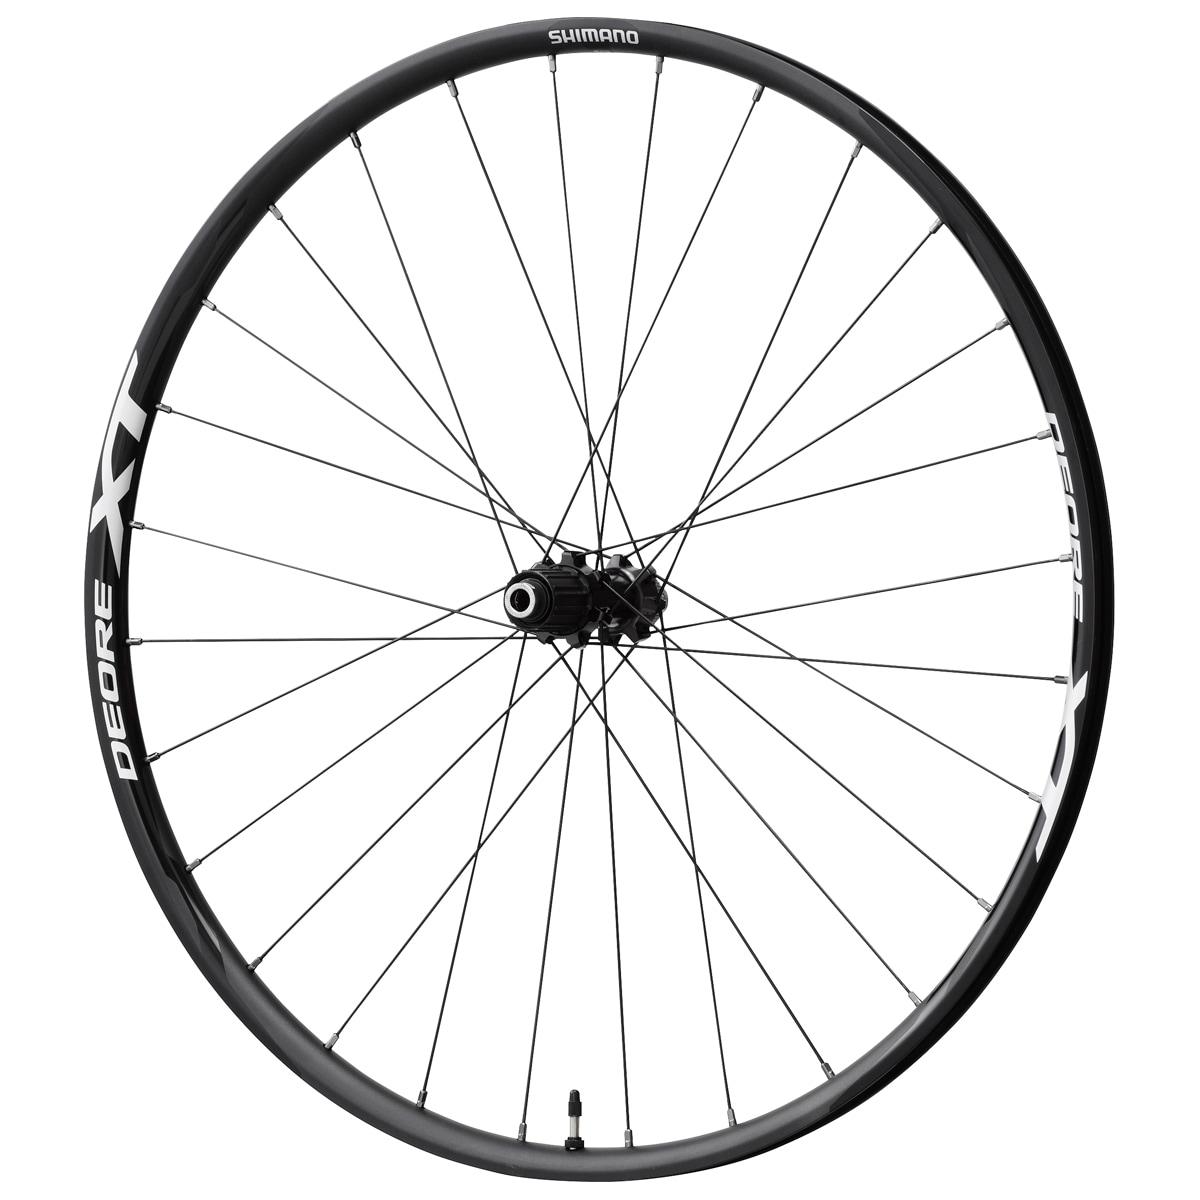 Shimano Hjul, XT M8020, Black/White